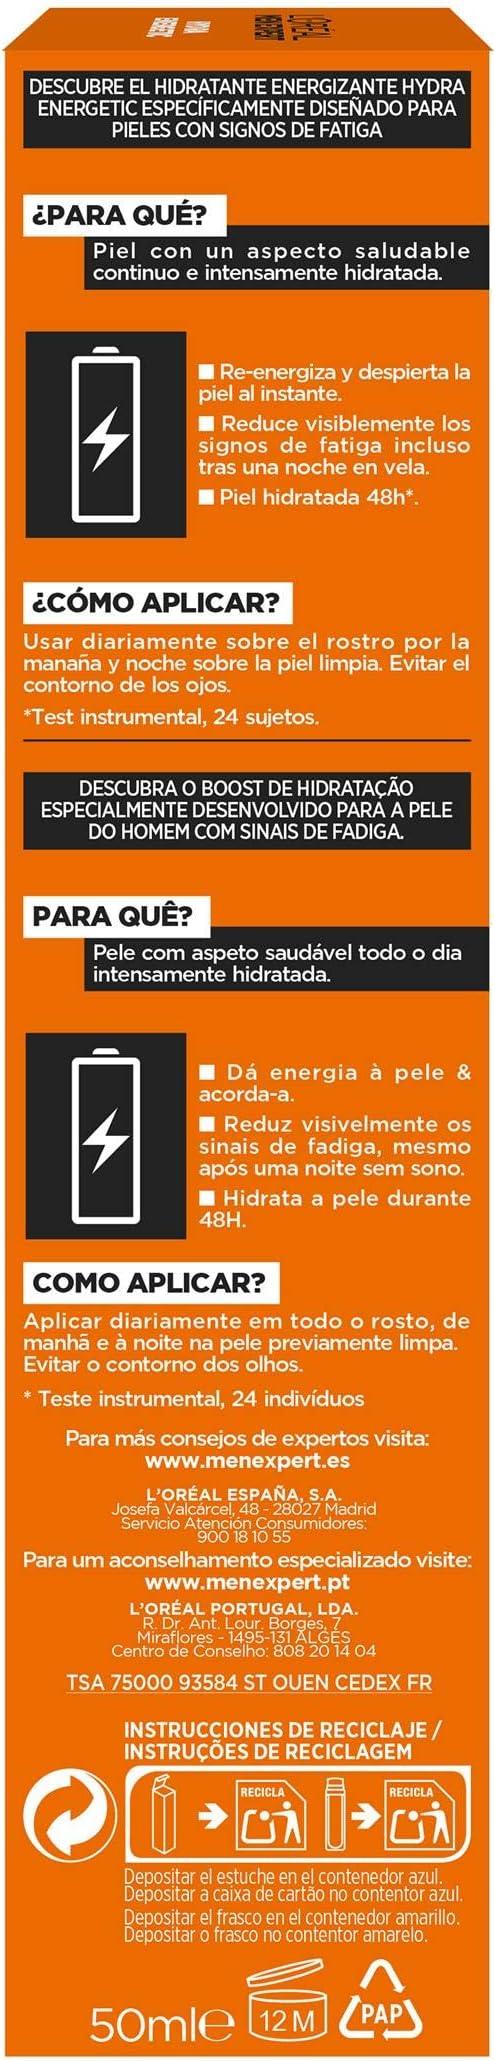 LOréal Paris Men Expert - Hydra Energetic hidratante, energizante, anti fatiga - 115 g: Amazon.es: Belleza